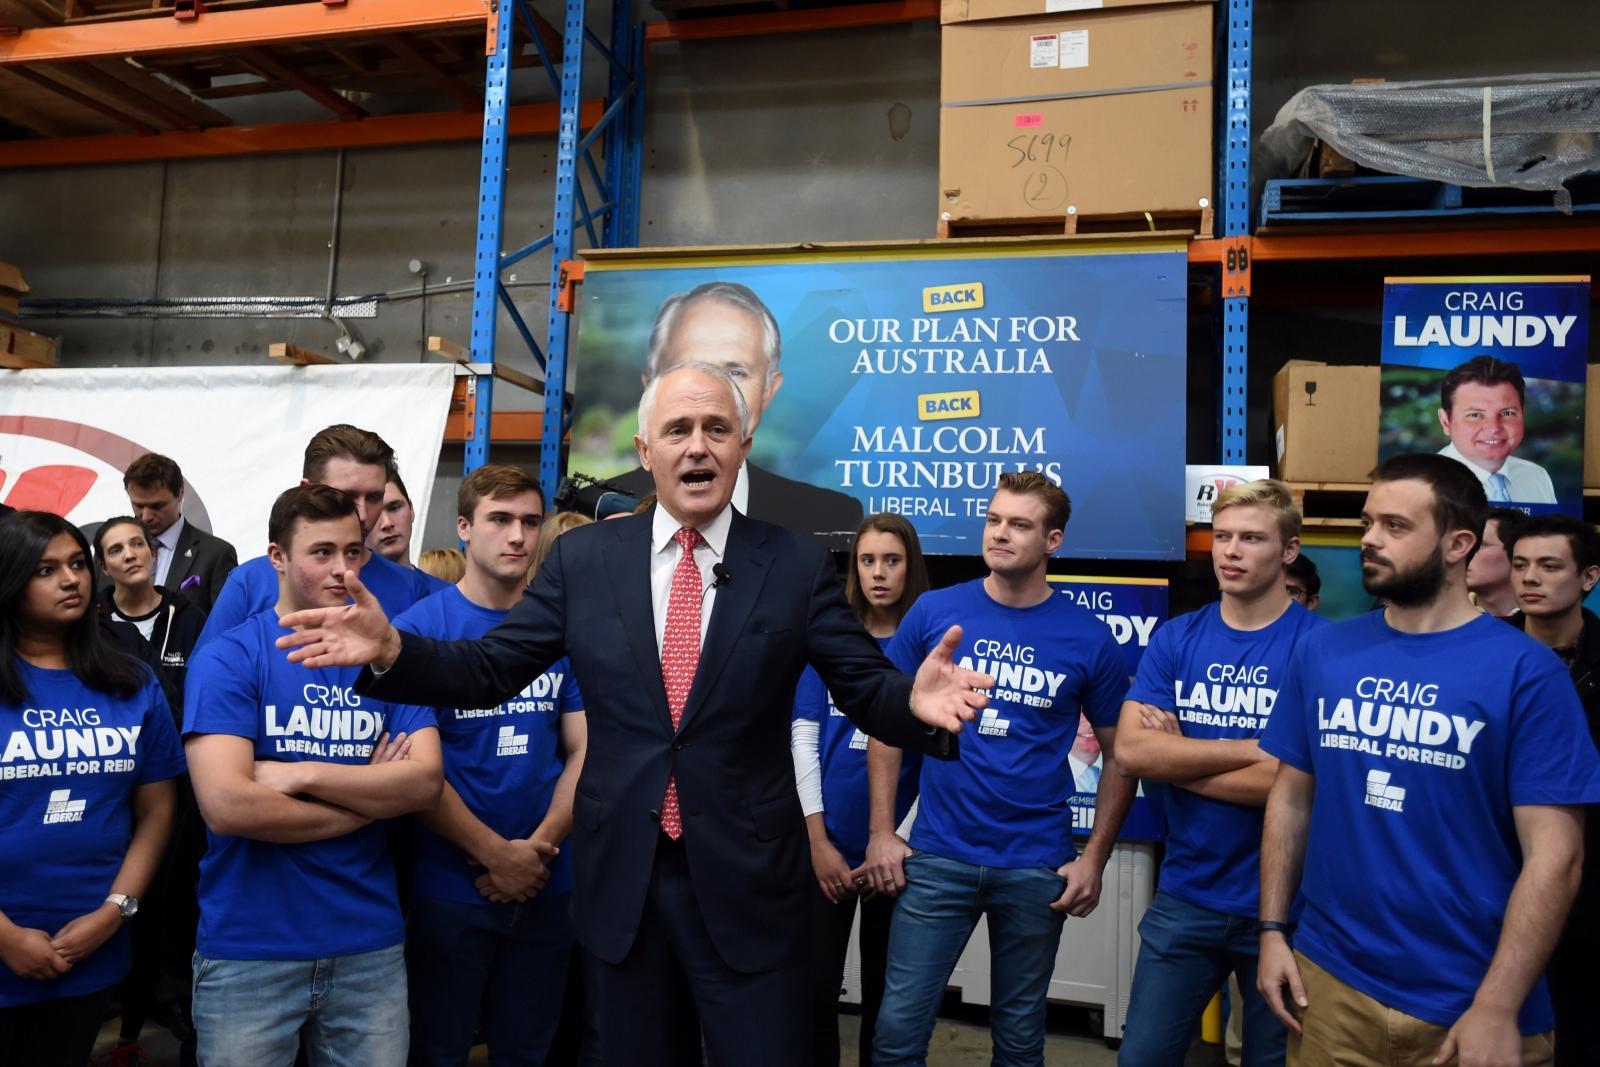 Australia election campaign